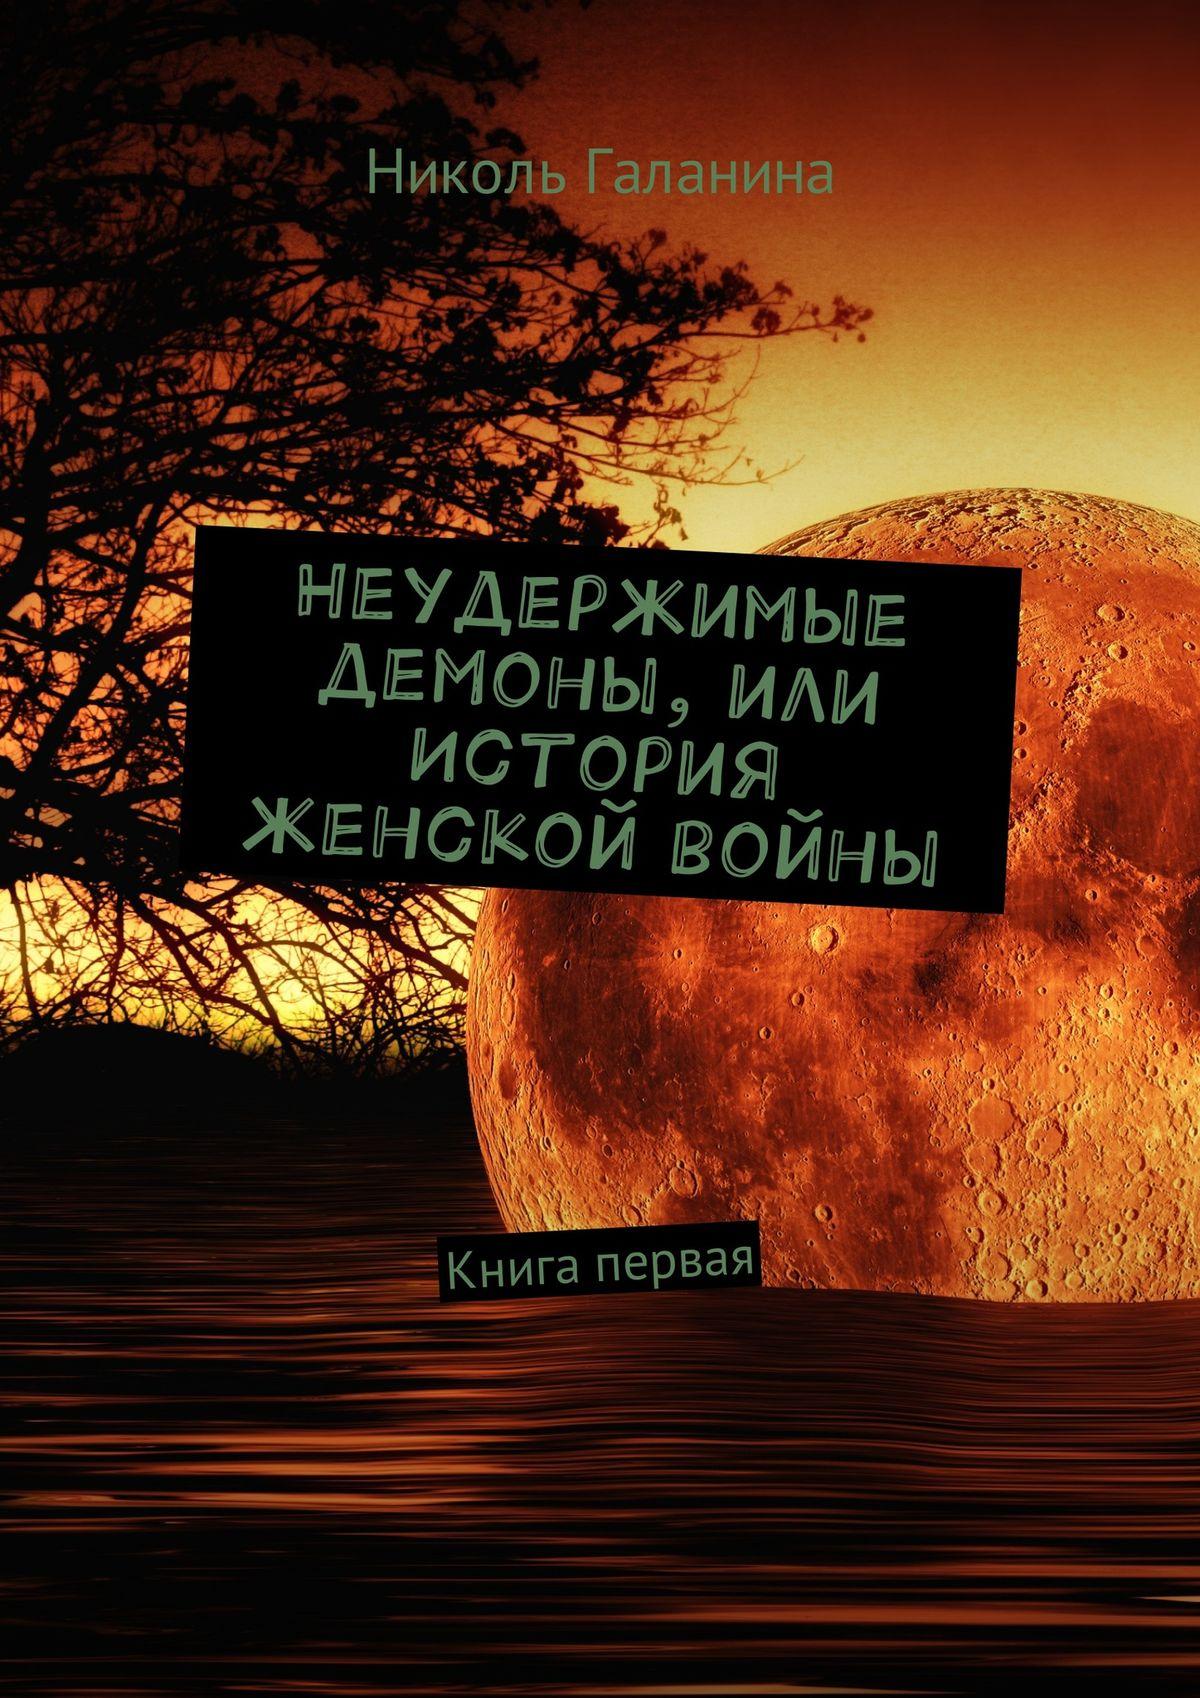 Николь Галанина Неудержимые демоны, или История женской войны. Книга первая николь галанина неудержимые демоны или история женской войны книга третья